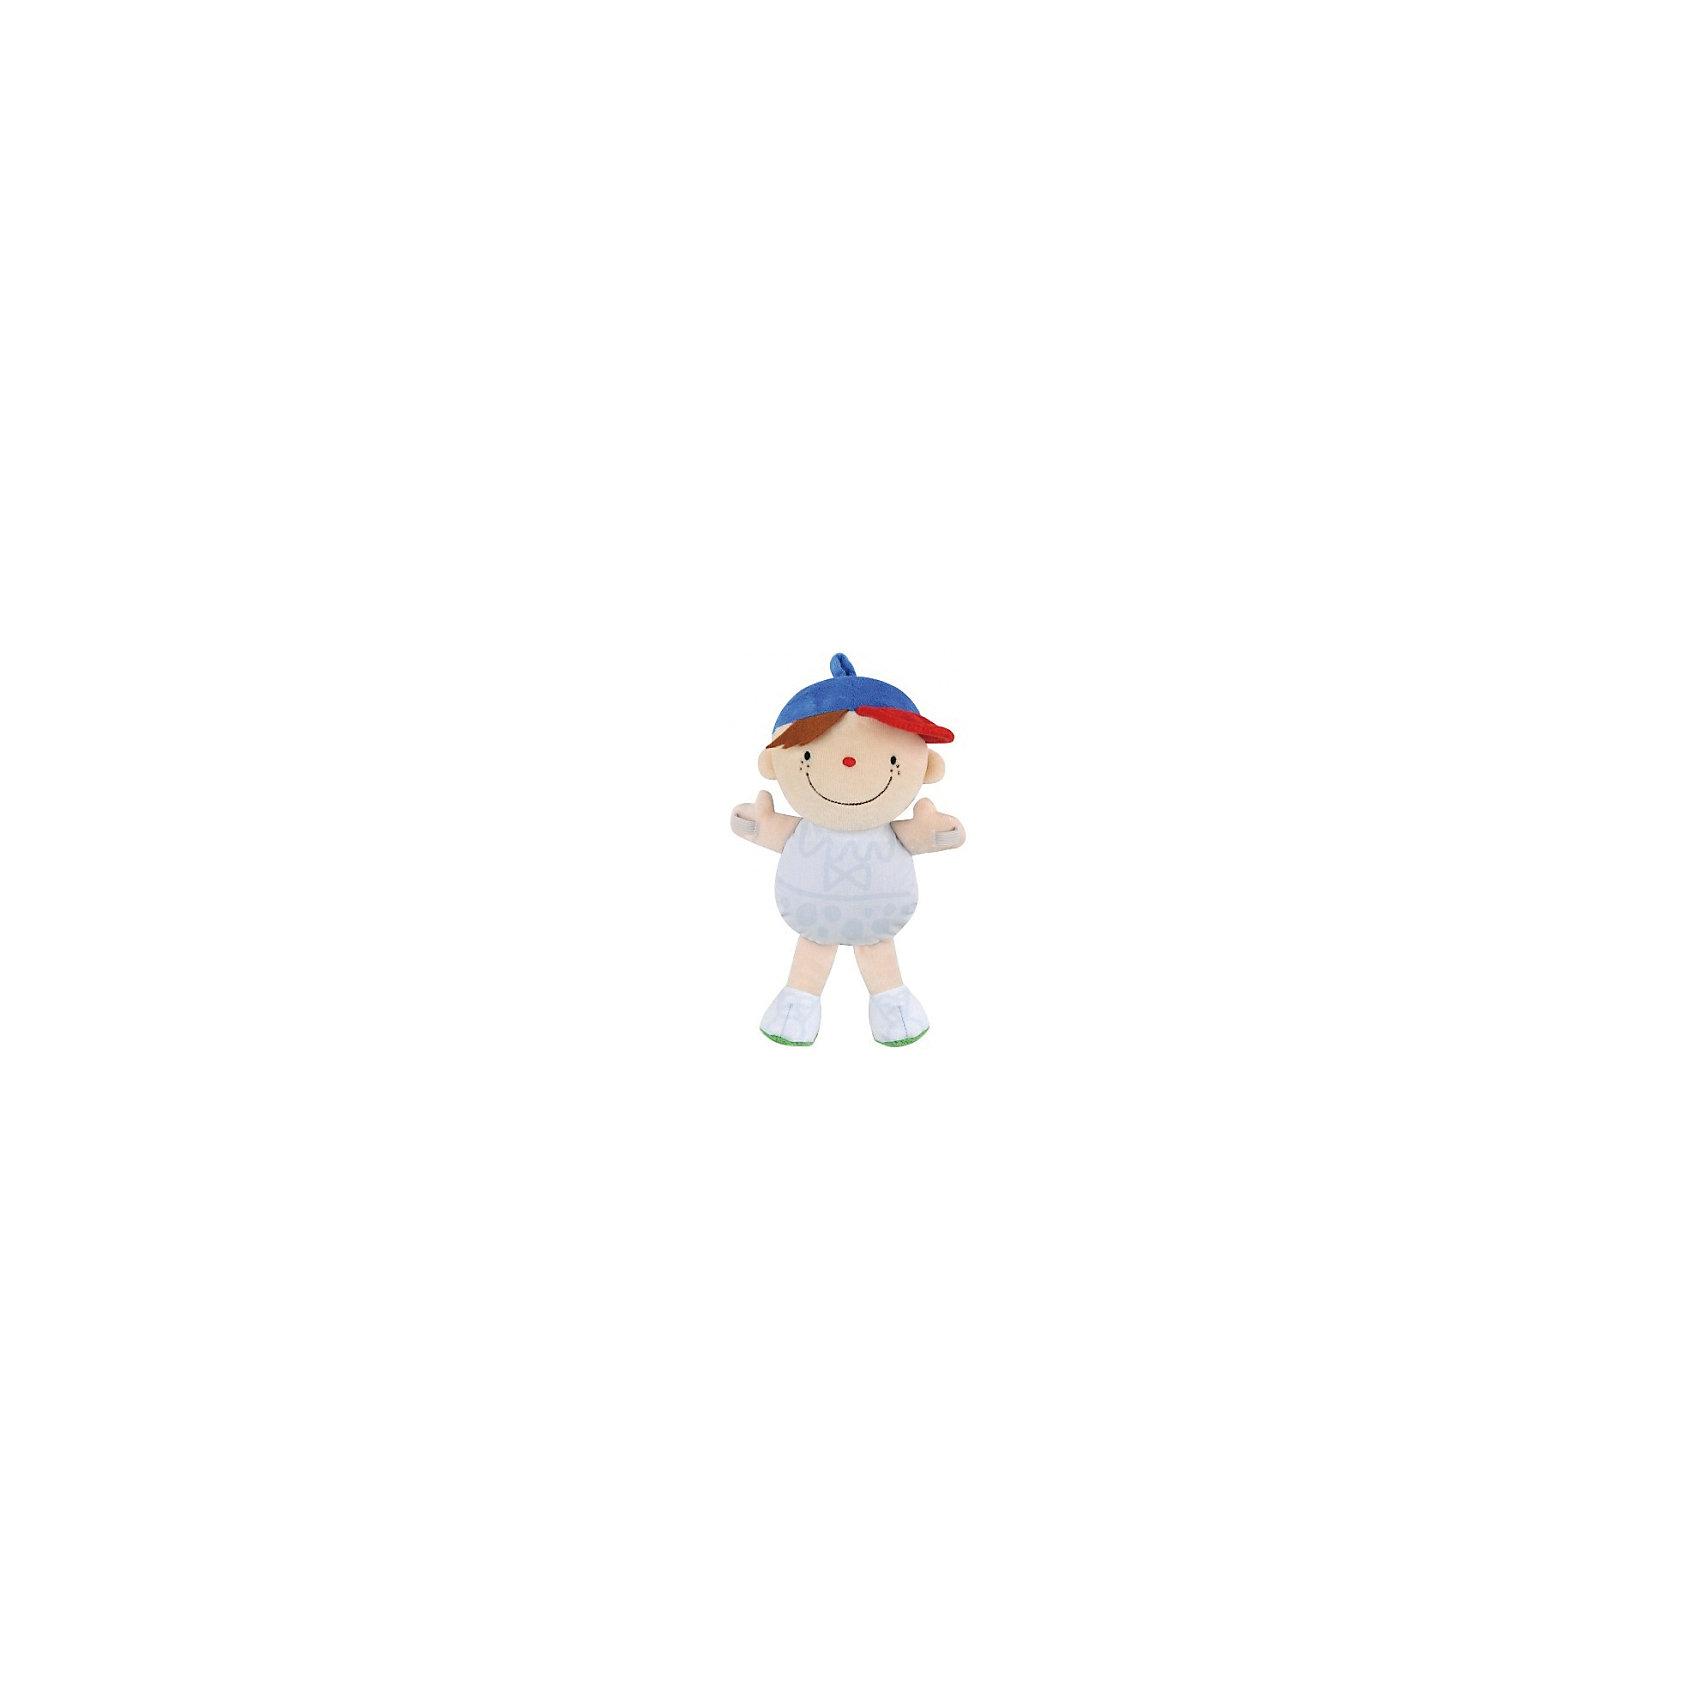 Вейн Что носить, Ks KidsМягкие куклы<br>Вейн Что носить, Ks Kids (Кс Кидс) ? уникальная кукла от всемирно известного производителя детских игрушек. Вейн ? это мягкая текстильная кукла в образе веселого мальчика, которого нужно одеть. Но одежда у него совершенно особенная ? ее нужно нарисовать.<br>Туловище и ботиночки куклы выполнены из специального материала, на котором можно рисовать водными фломастерами, которые идут в комплекте. Для начала рисования, фломастеры необходимо наполнить водой. После этого можно приступать к творческому процессу. После высыхания рисунок исчезает и творческий процесс можно начинать заново.<br>Вейн Что носить, Ks Kids (Кс Кидс) ? это игра, в которой любой ребенок может почувствовать себя в роли дизайнера одежды.<br>Игра Вейн Что носить, Ks Kids будет способствовать развитию художественных способностей, воображения, а также научит усидчивости и терпению.<br><br>Дополнительная информация:<br><br>- Вид игр: сюжетно-ролевые, творческие<br>- Предназначение: для дома<br>- Комплектация: кукла и 2 фломастера<br>- Материал: текстиль, пластик<br>- Размер: 20*26*7 см<br>- Вес: 275 г<br>- Особенности ухода: разрешается стирать в щадящем режиме<br><br>Подробнее:<br><br>• Для детей в возрасте: от 3 лет до 7 лет<br>• Страна производитель: Китай<br>• Торговый бренд: Ks Kids (Кс Кидс)<br><br>Вейна Что носить, Ks Kids (Кс Кидс) можно купить в нашем интернет-магазине.<br><br>Ширина мм: 200<br>Глубина мм: 260<br>Высота мм: 70<br>Вес г: 275<br>Возраст от месяцев: 36<br>Возраст до месяцев: 84<br>Пол: Унисекс<br>Возраст: Детский<br>SKU: 4799451